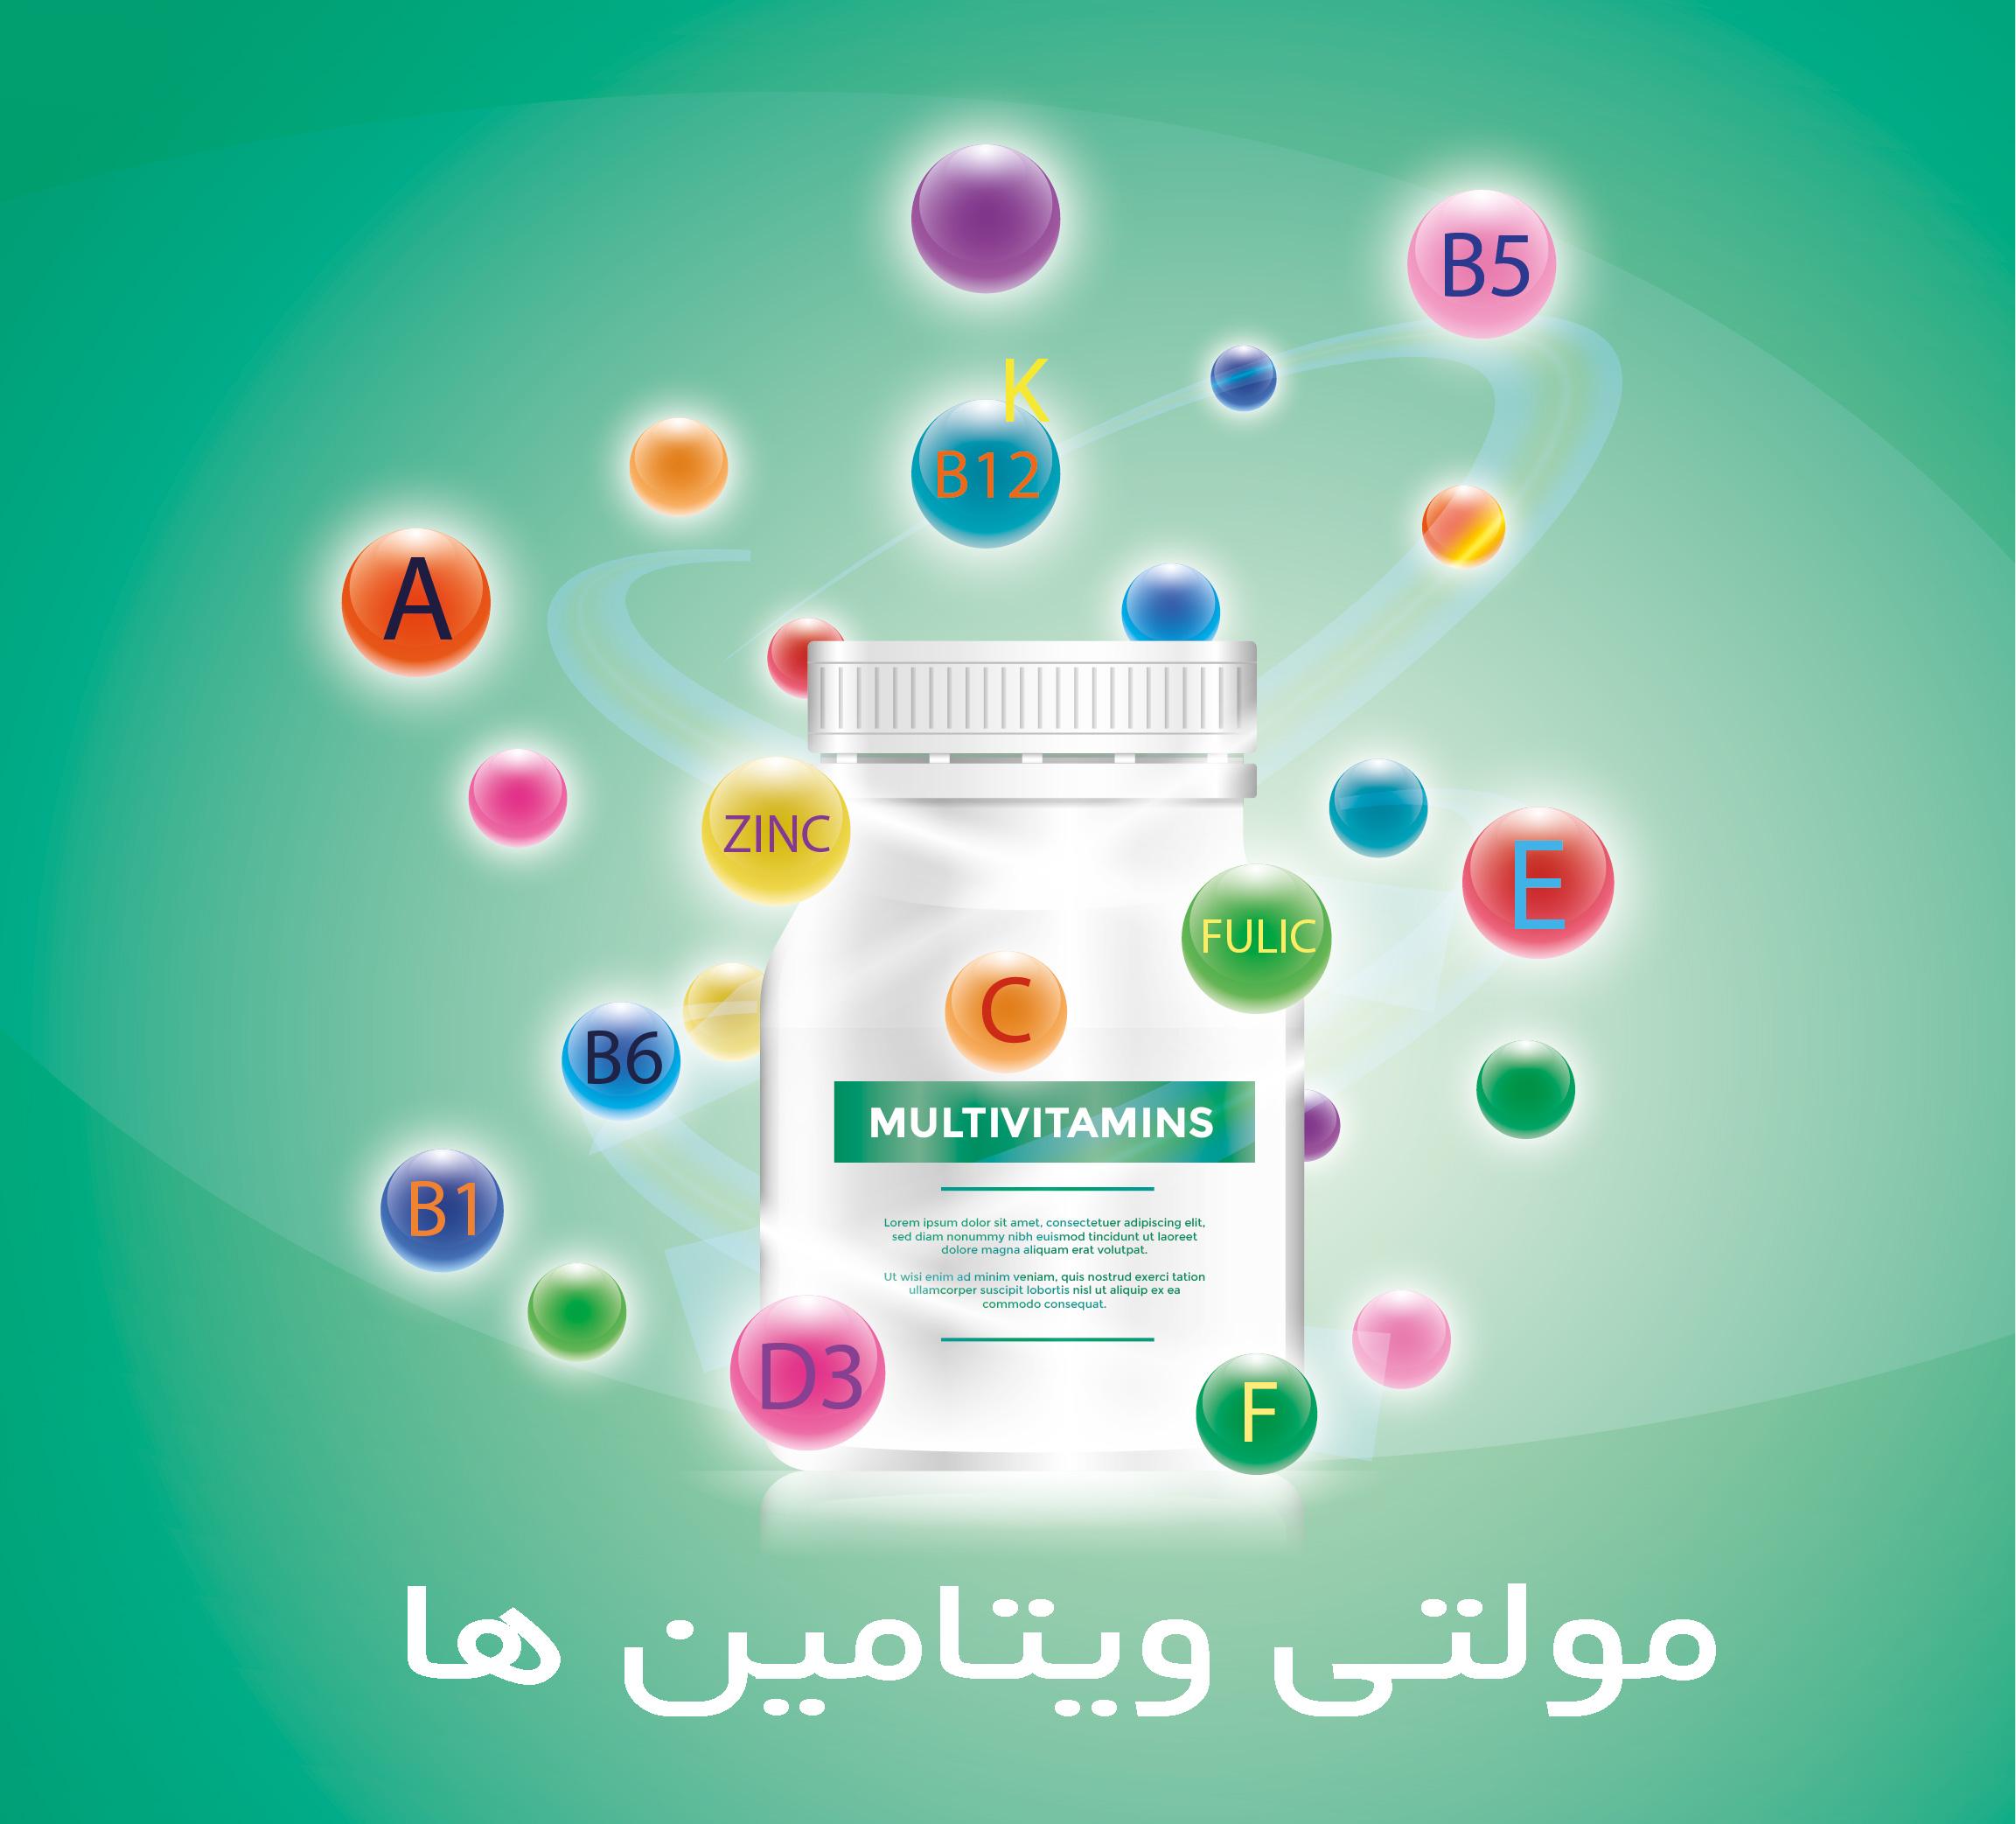 multi vitamins 2 -